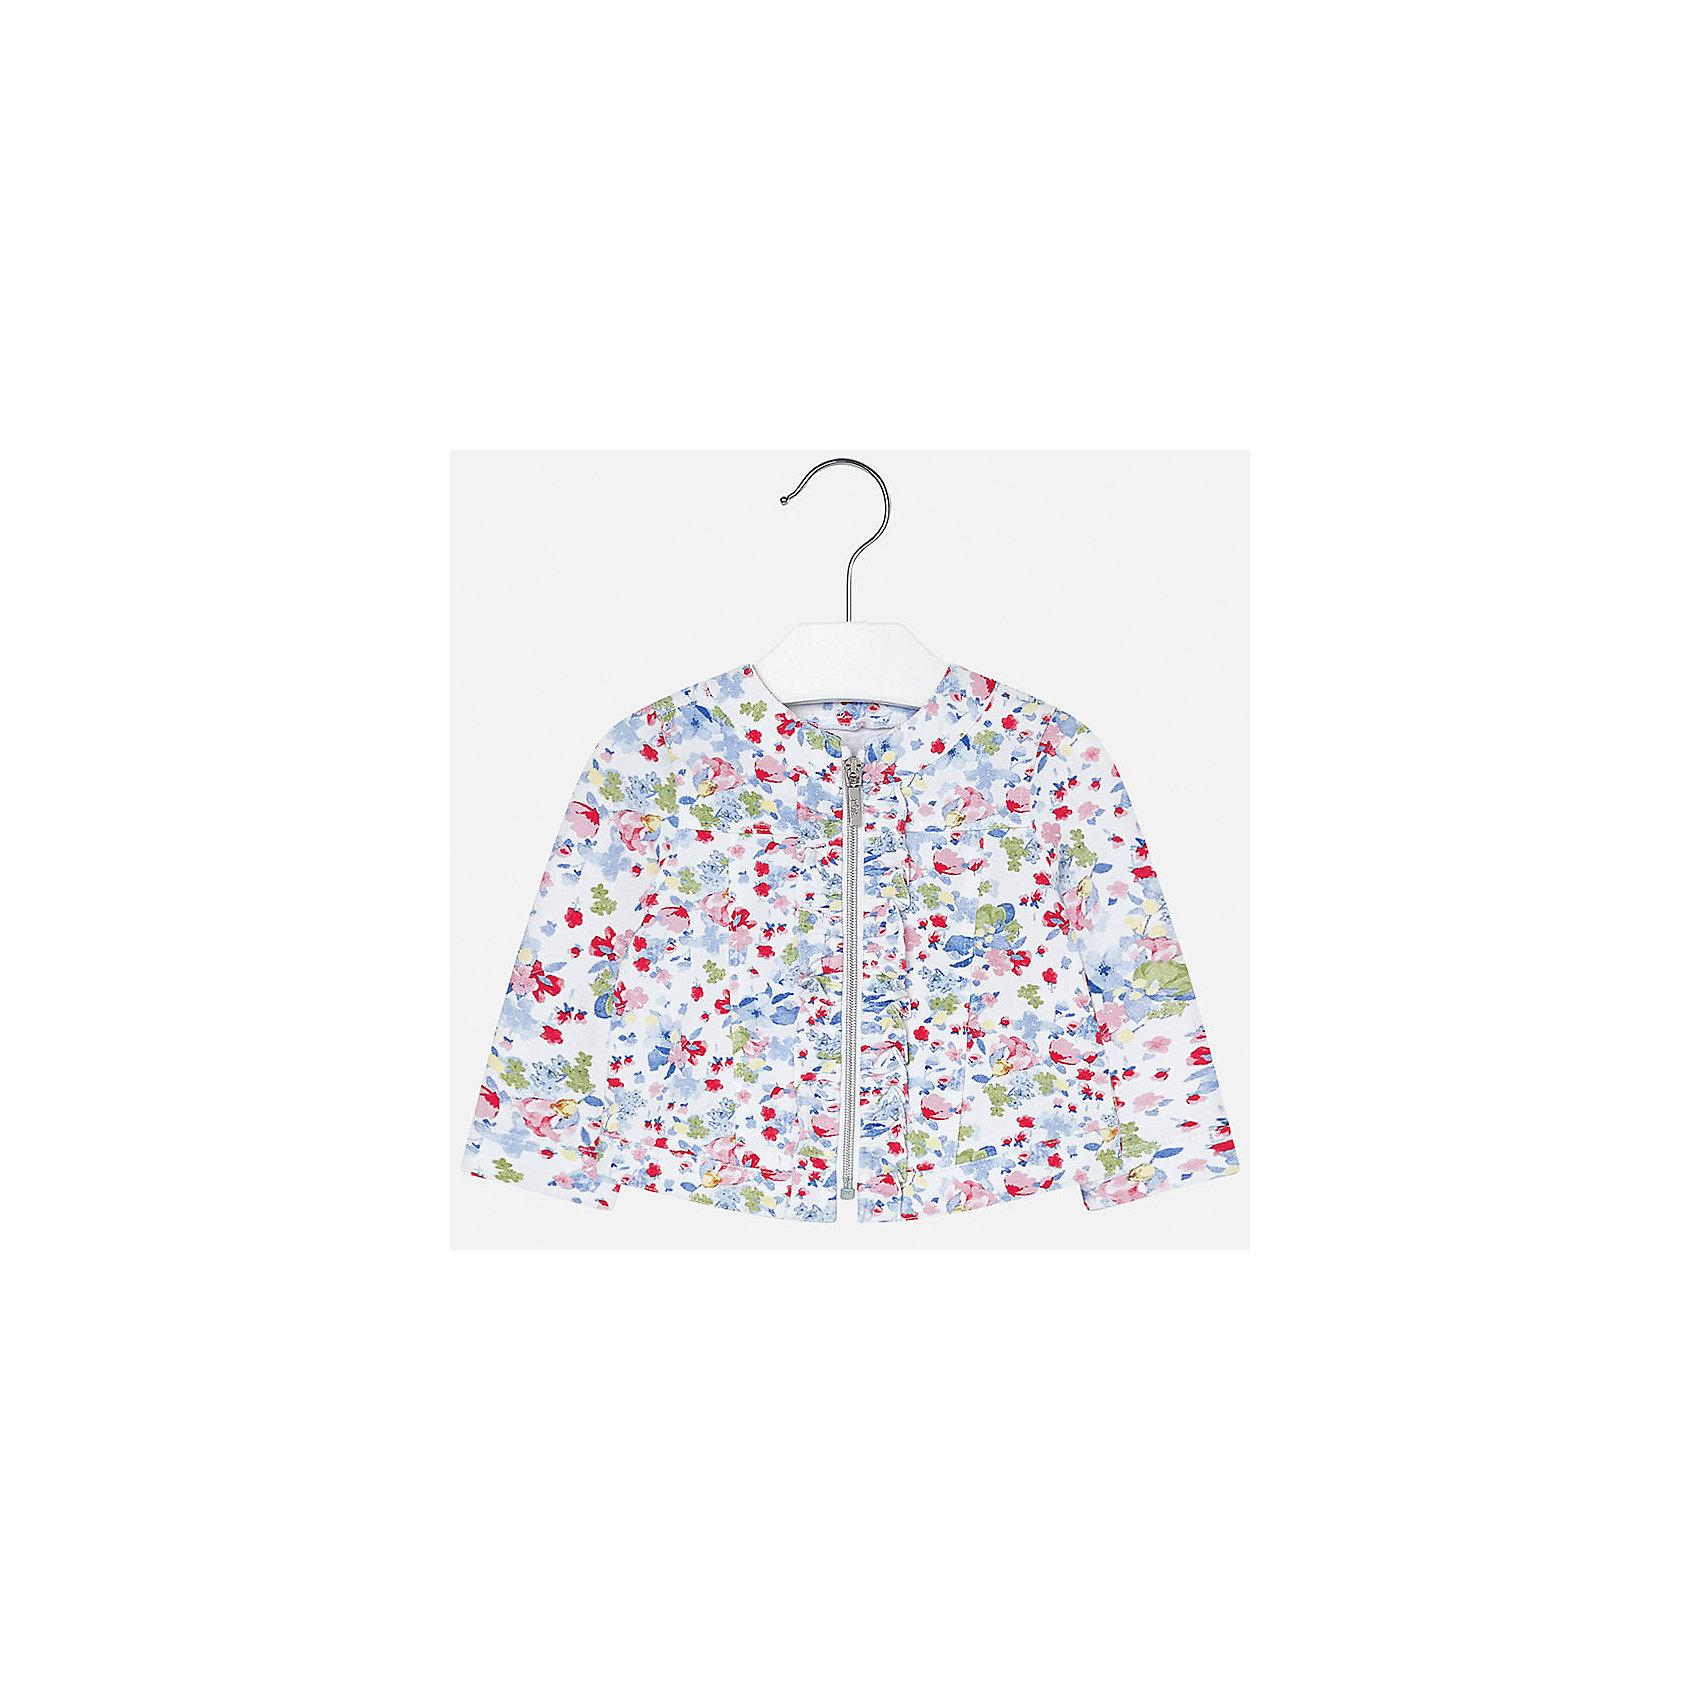 Куртка для девочки MayoralВерхняя одежда<br>Куртка для девочки от известной испанской марки Mayoral.<br><br>Ширина мм: 356<br>Глубина мм: 10<br>Высота мм: 245<br>Вес г: 519<br>Цвет: синий<br>Возраст от месяцев: 18<br>Возраст до месяцев: 24<br>Пол: Женский<br>Возраст: Детский<br>Размер: 92,74,80,86<br>SKU: 5288926